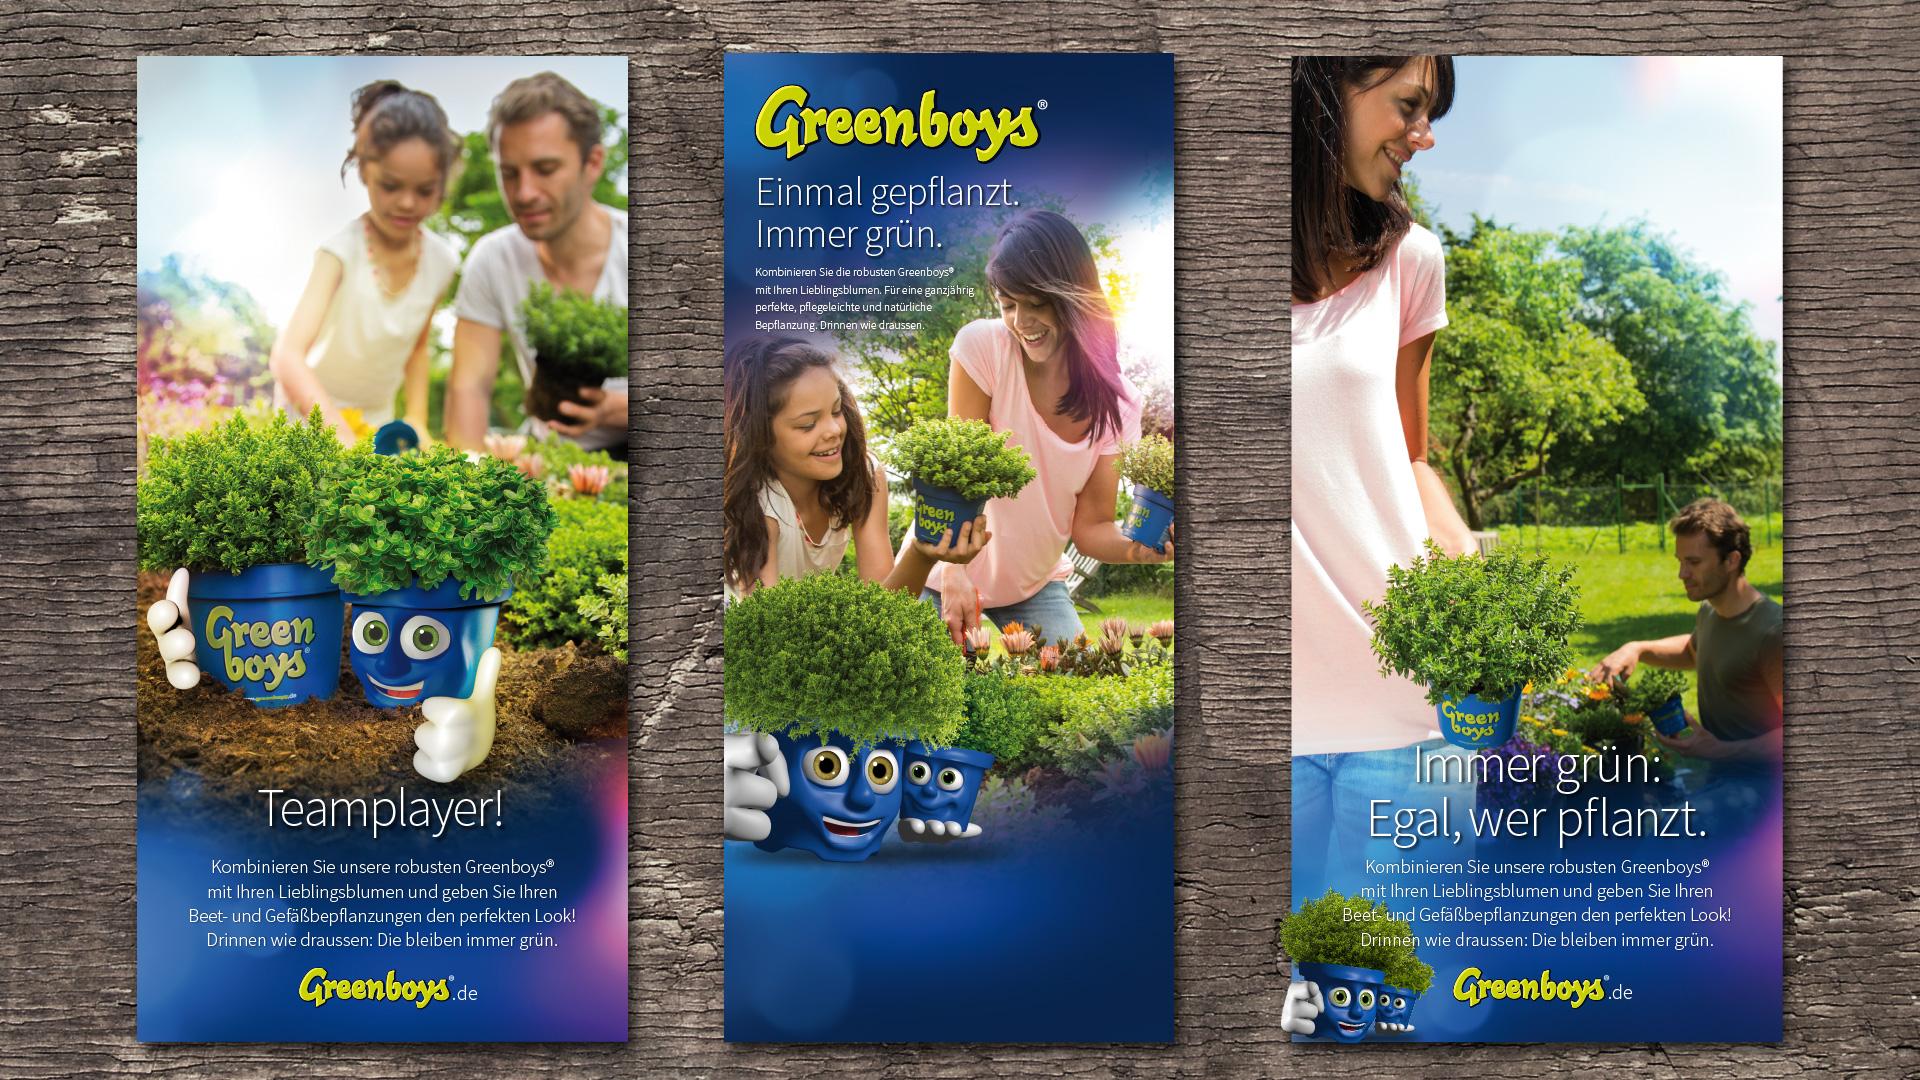 hetjens_greenboys_CC_poster_Motive